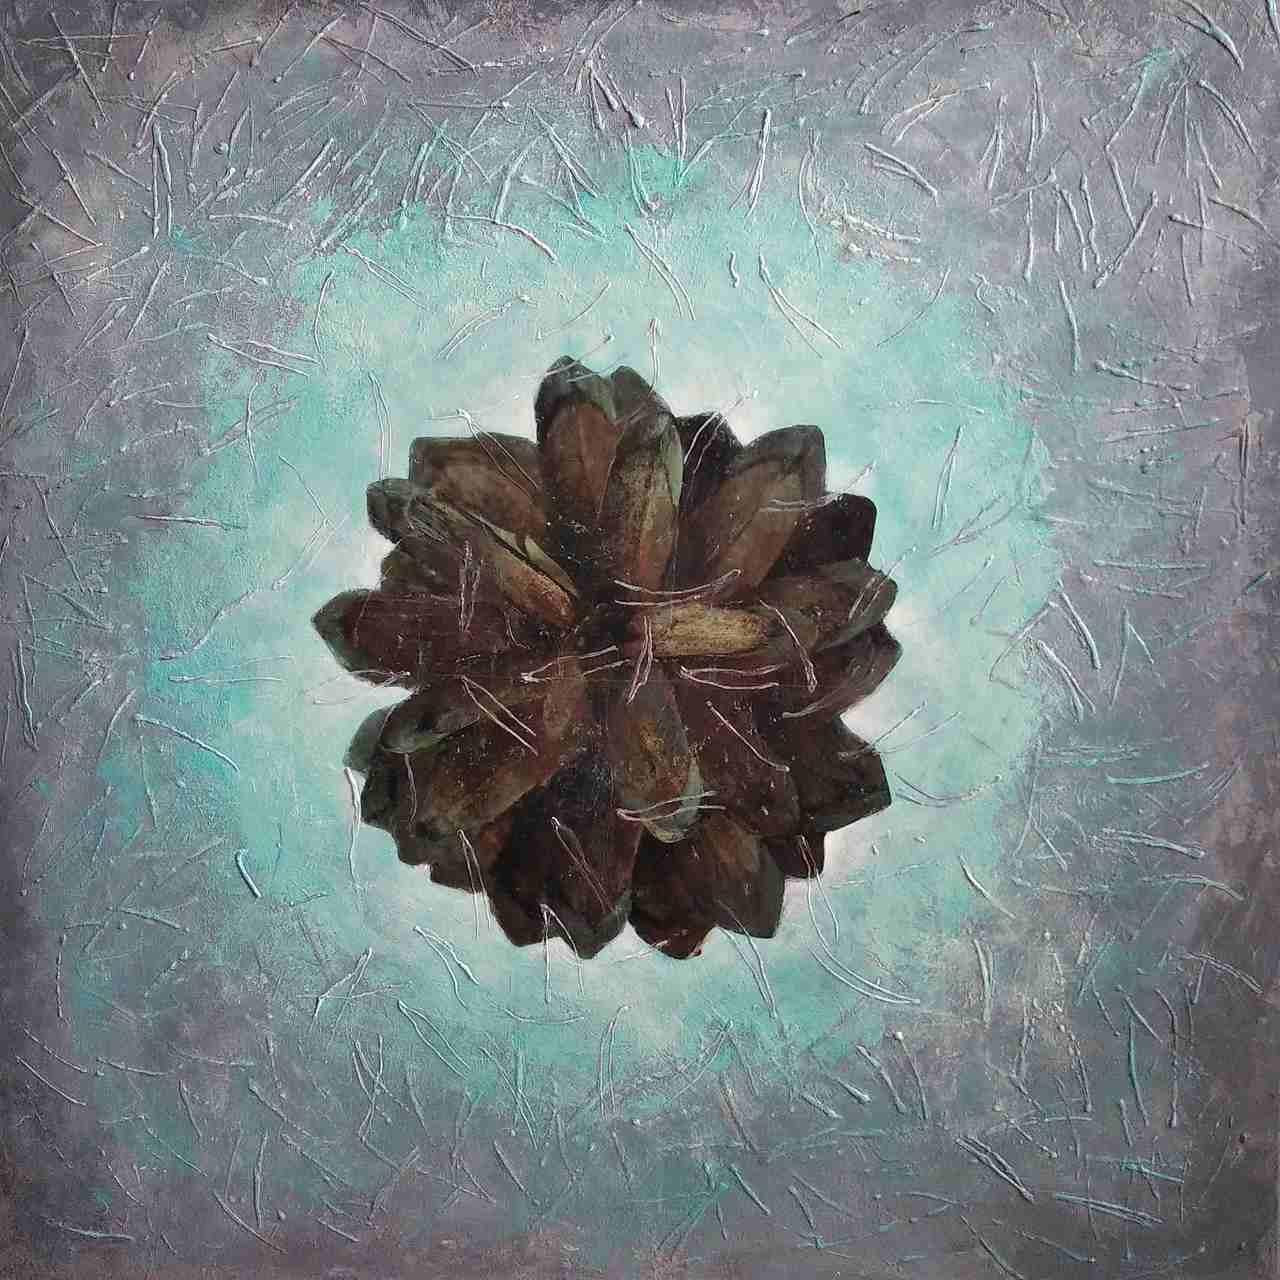 Joana-Adamek-Przestrzeń-akryl-80x80